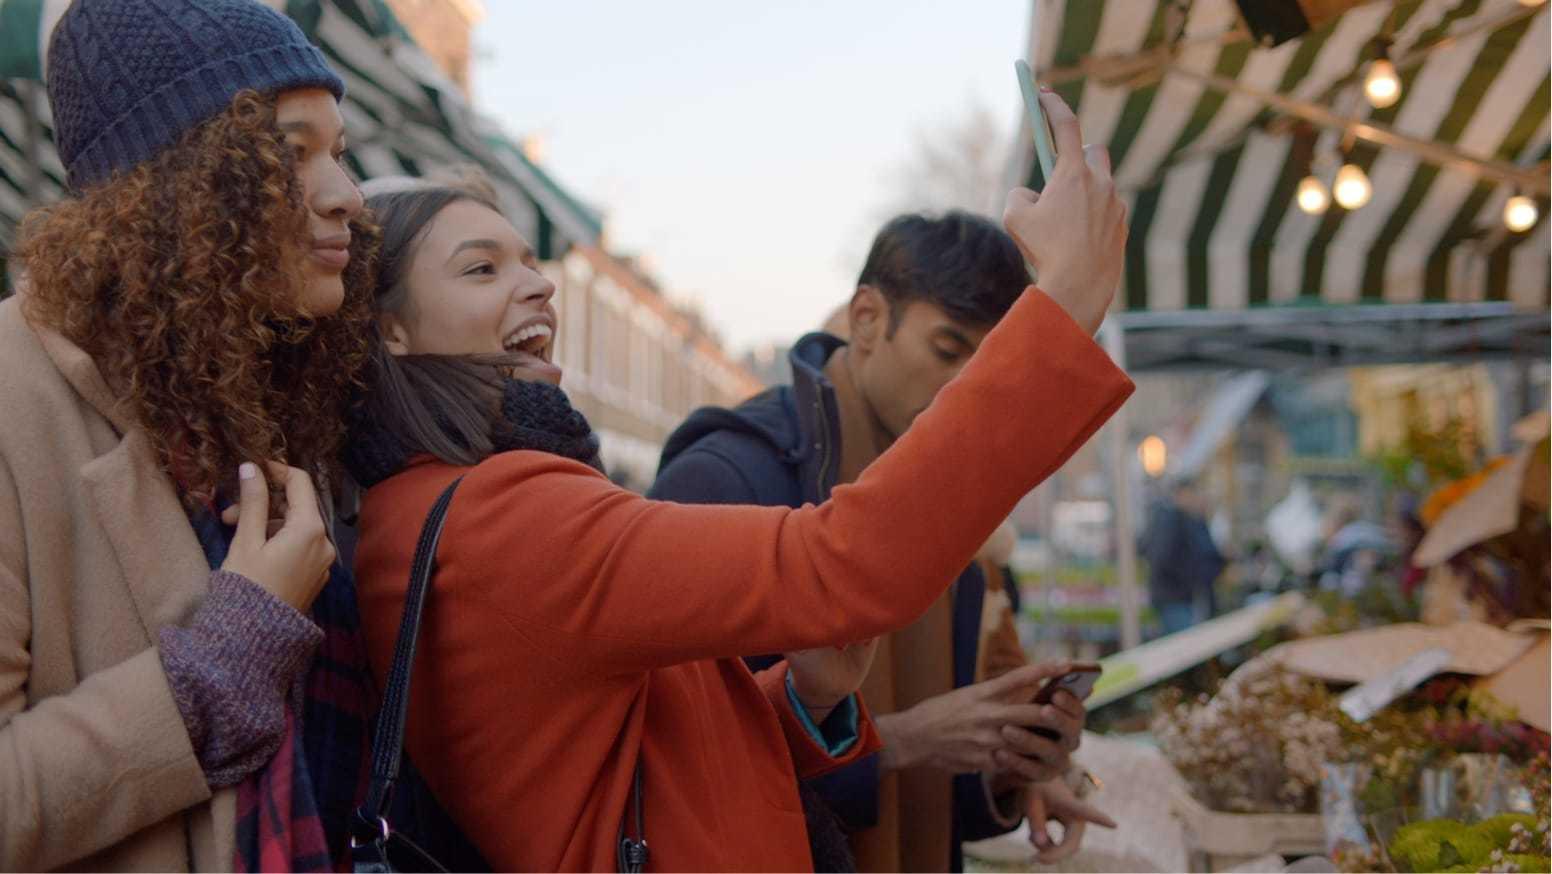 Women taking a selfie.